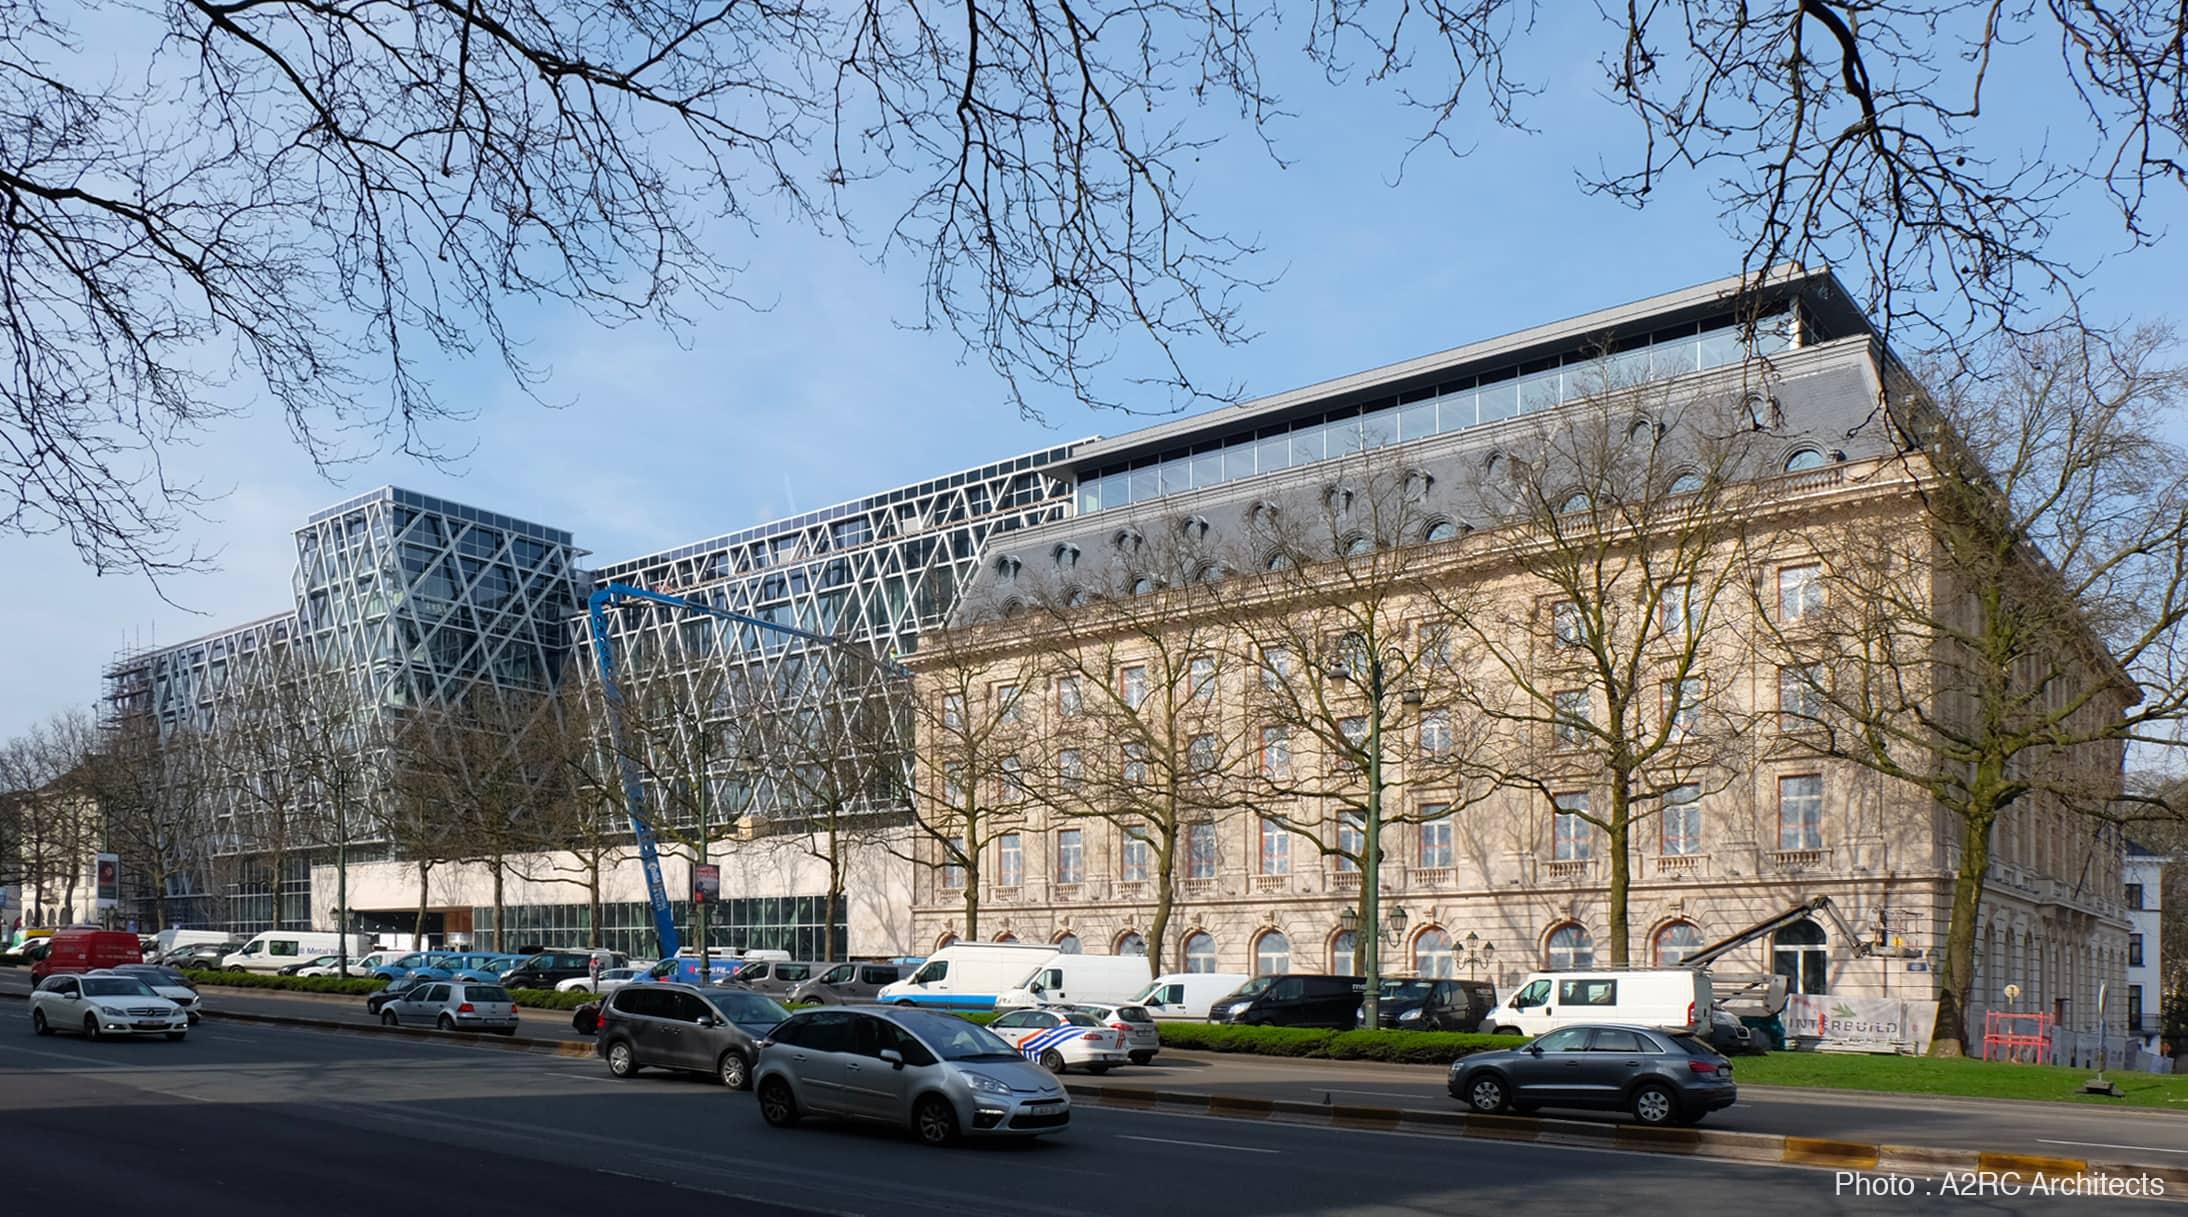 01 AXA HQ Belgique pierre de Massangis cA2RCARCHITECTS